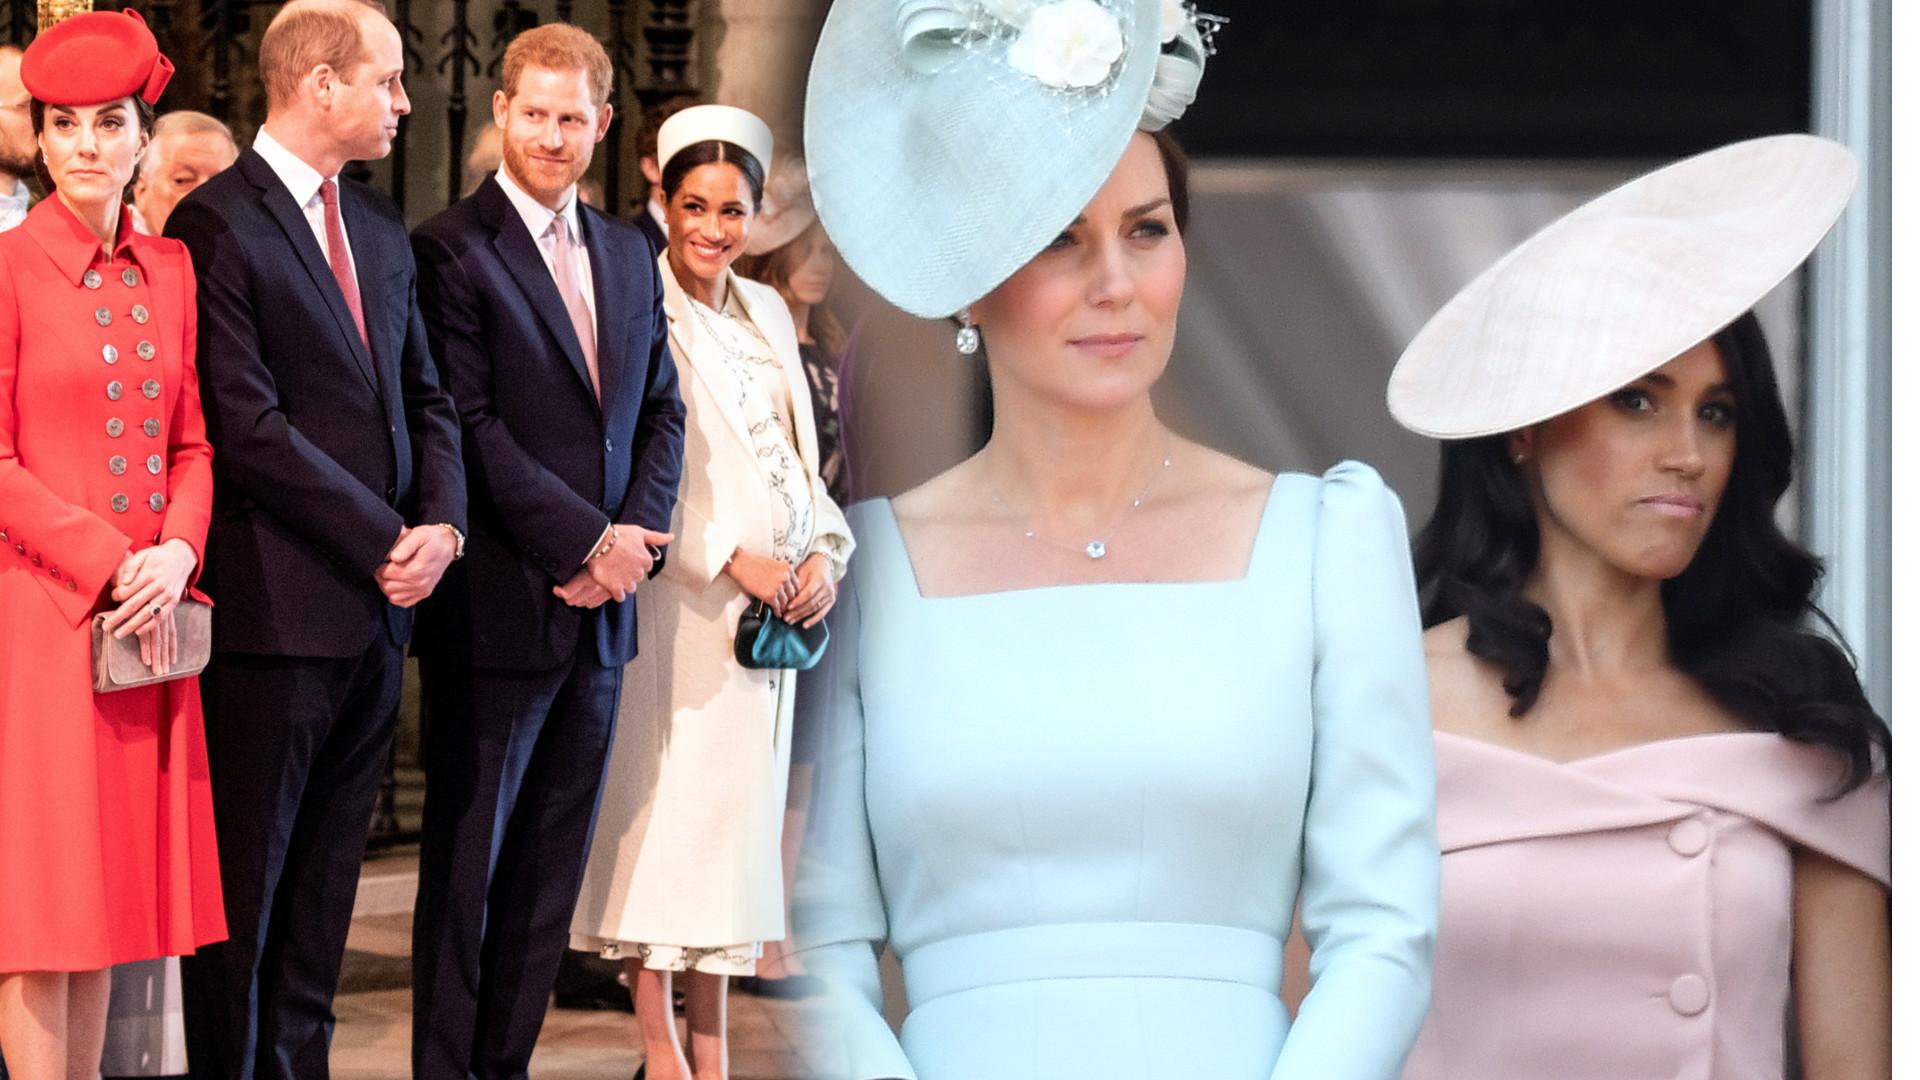 Meghan i Harry ODCINAJĄ się od Williama i Kate! Najpierw wyprowadzili się z Pałacu Kensington, a teraz…